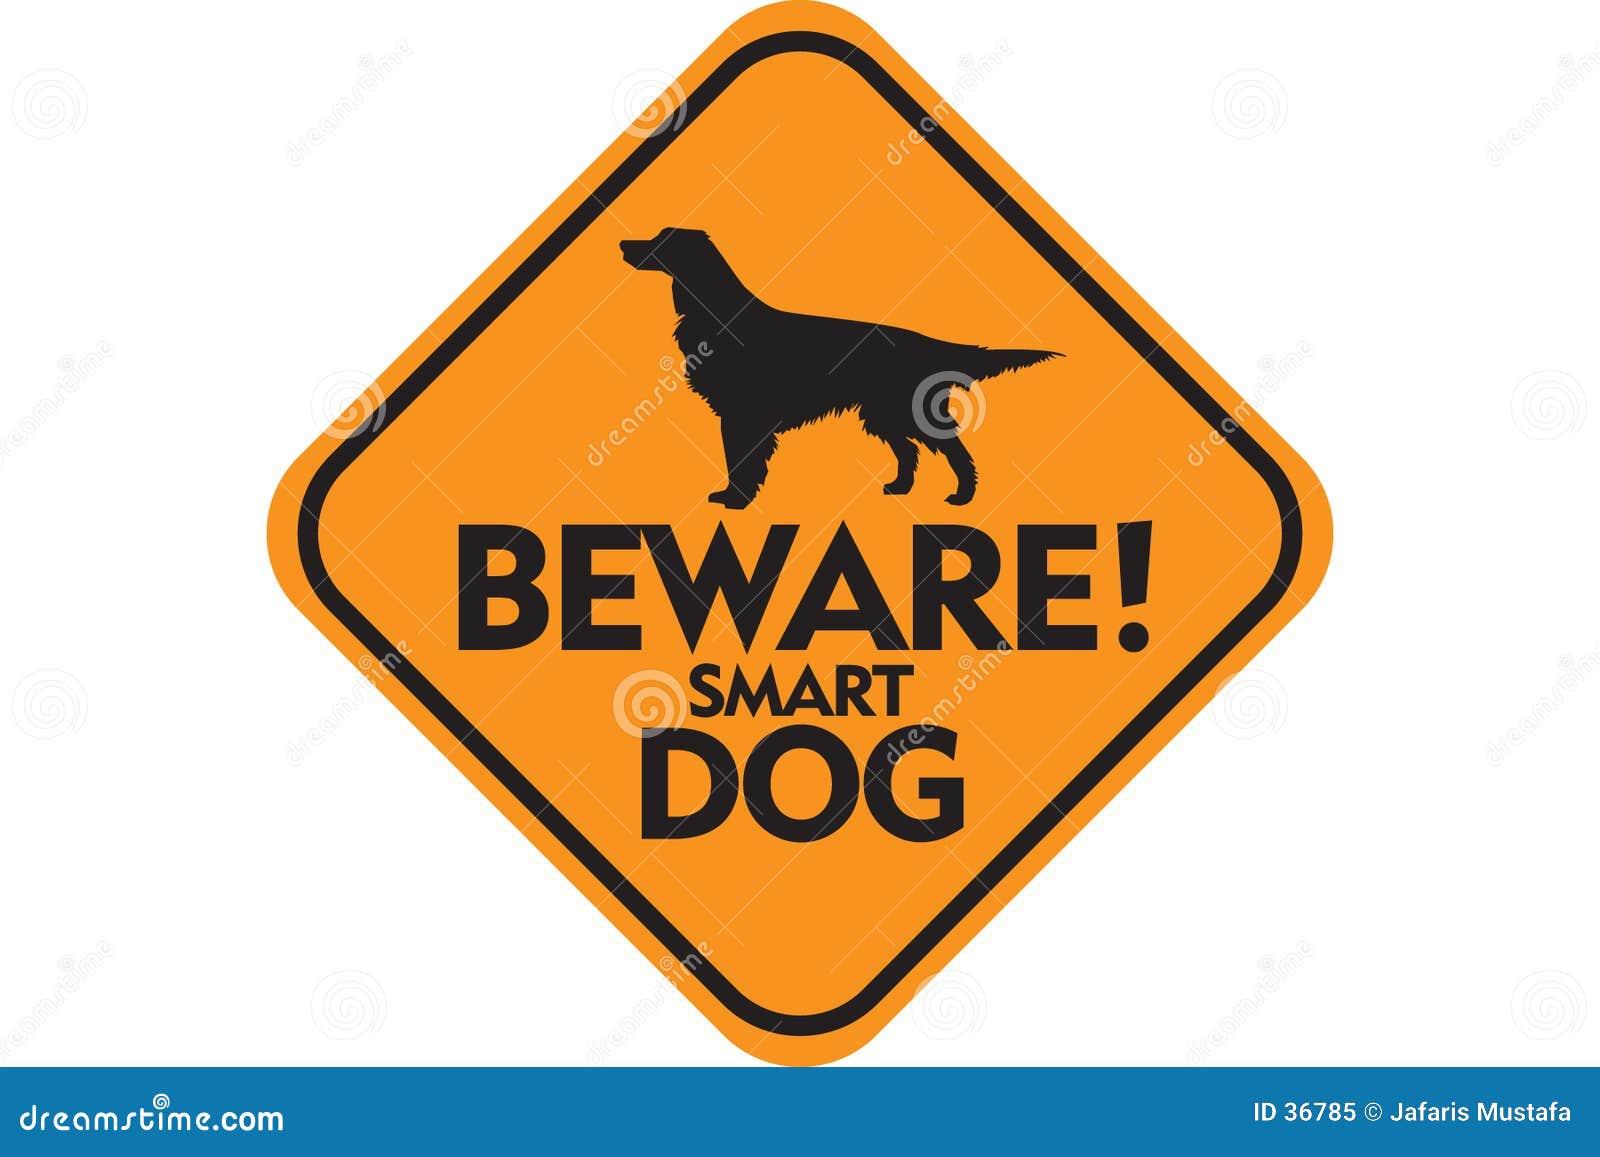 Download Slimme Hond stock illustratie. Illustratie bestaande uit uithangbord - 36785